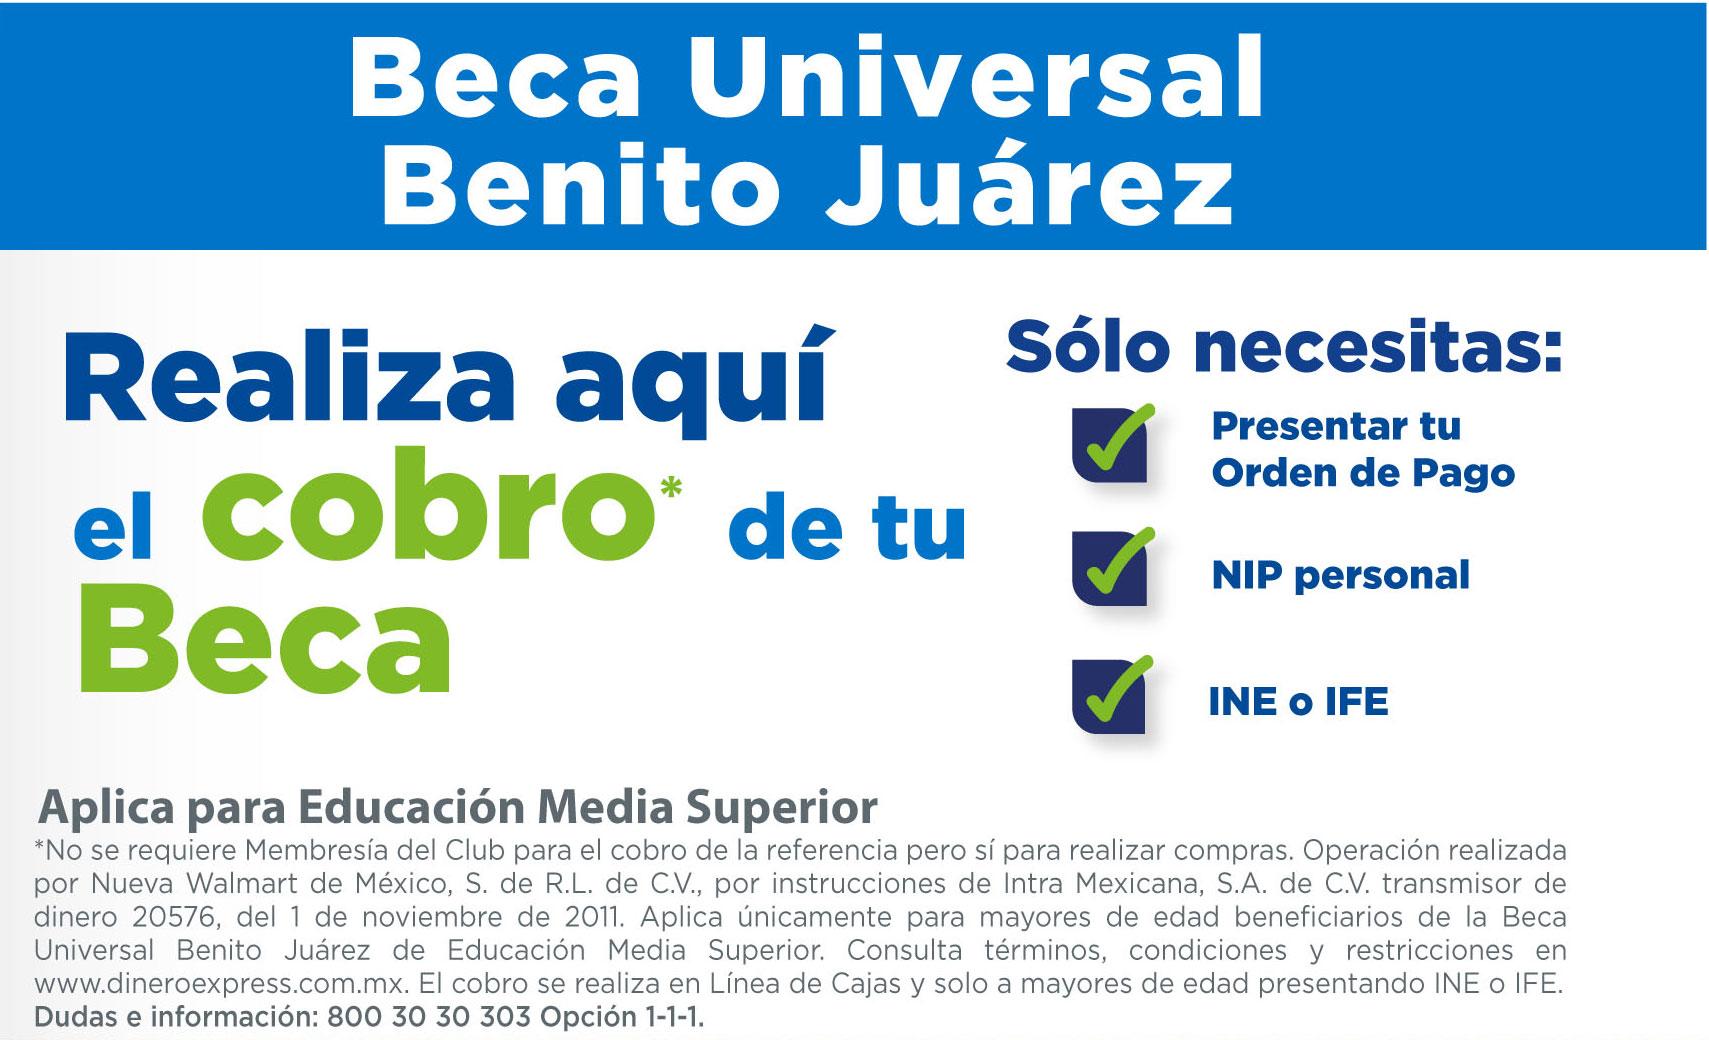 Beca Universal Benito Juárez - Aplica para Educación Media Superior - *No se requiere Membresía del Club para el cobro de la referencia pero sí para realizar compras. Operación realizada por Nueva Walmart de México, S. de R.L. de C.V., por instrucciones de Intra Mexicana, S.A. de C.V. transmisor de dinero 20576, del 1 de noviembre de 2011. Aplica únicamente para mayores de edad beneficiarios de la Beca Universal Benito Juárez de Educación Media Superior. Consulta términos, condiciones y restricciones en www.dineroexpress.com.mx. El cobro se realiza en Línea de Cajas y solo a mayores de edad presentando INE o IFE.  Dudas e información:800 30 30 303 Opción 1-1-1.